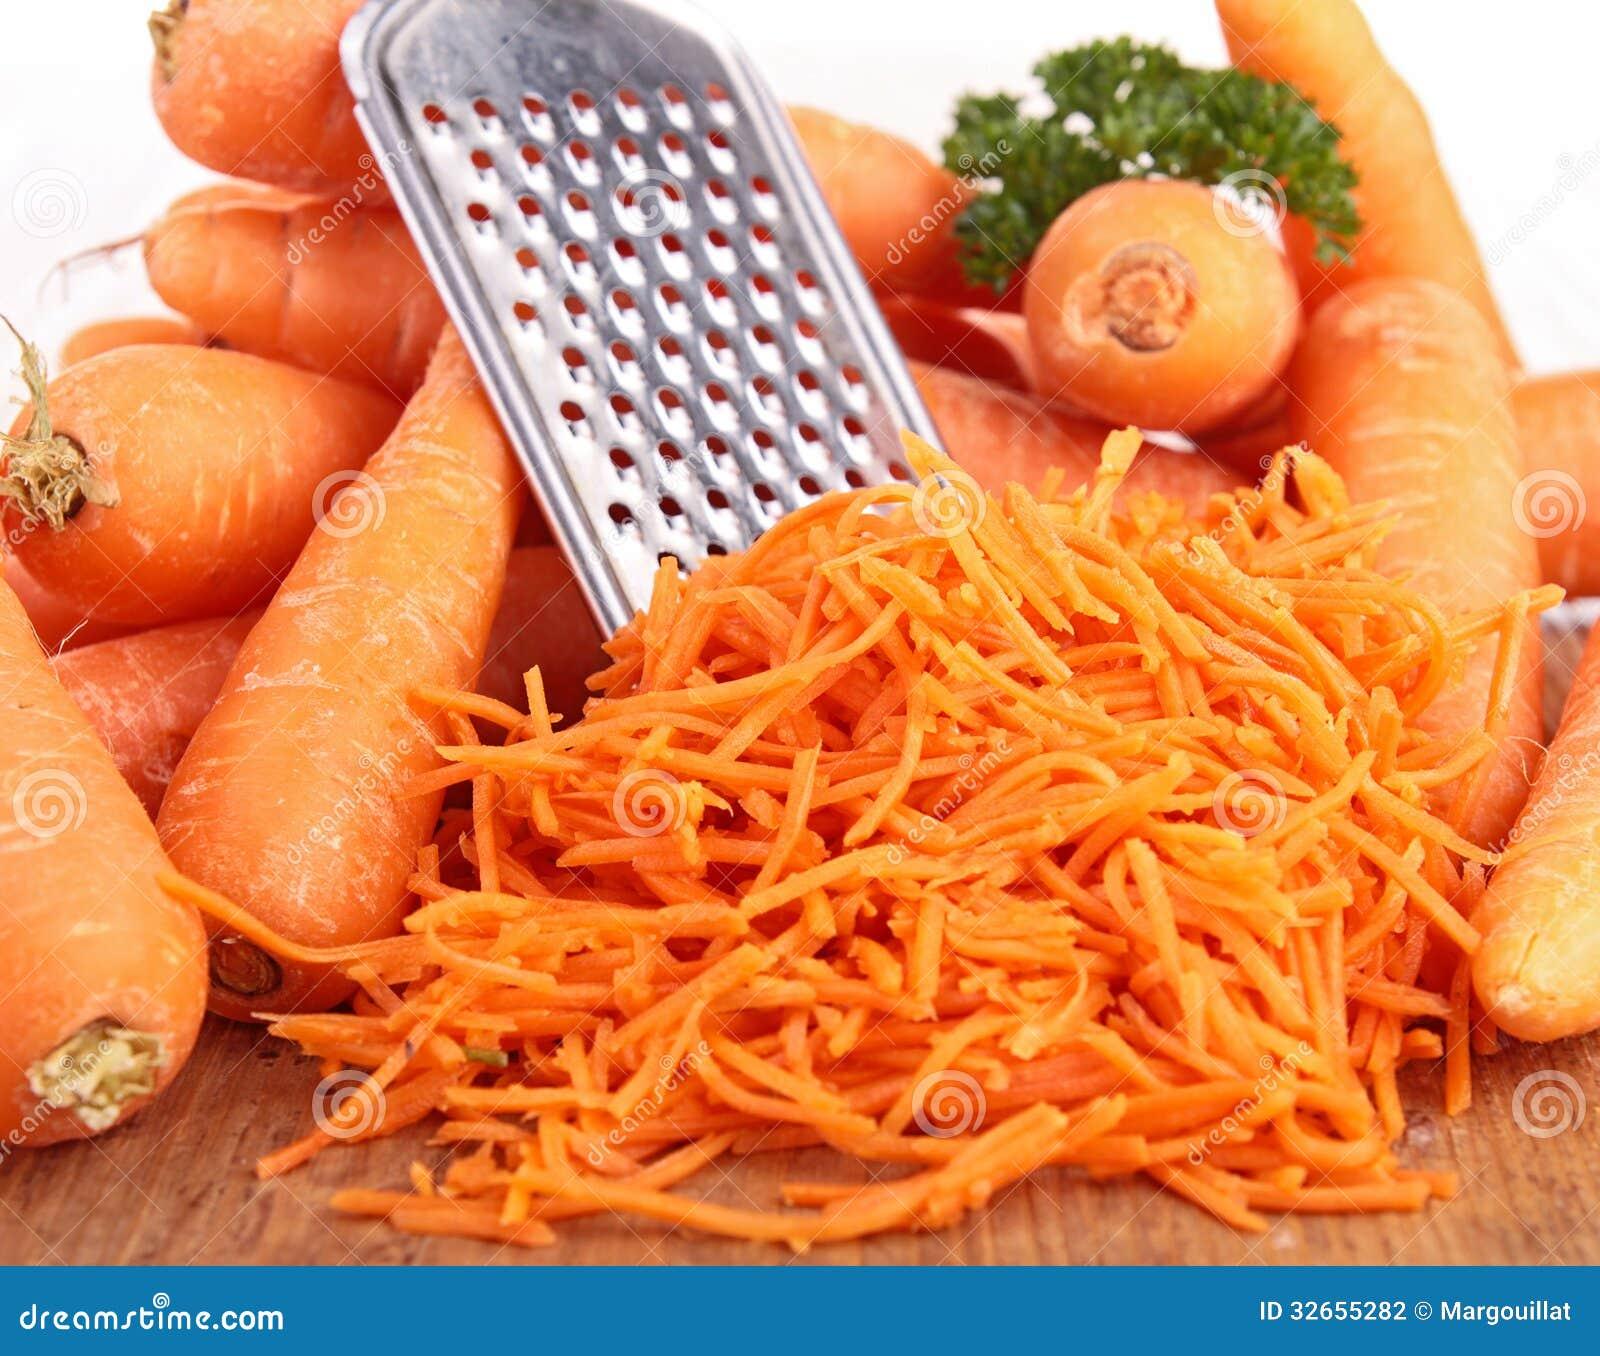 Zanahoria rallada foto de archivo imagen de cocinero for La zanahoria es una hortaliza